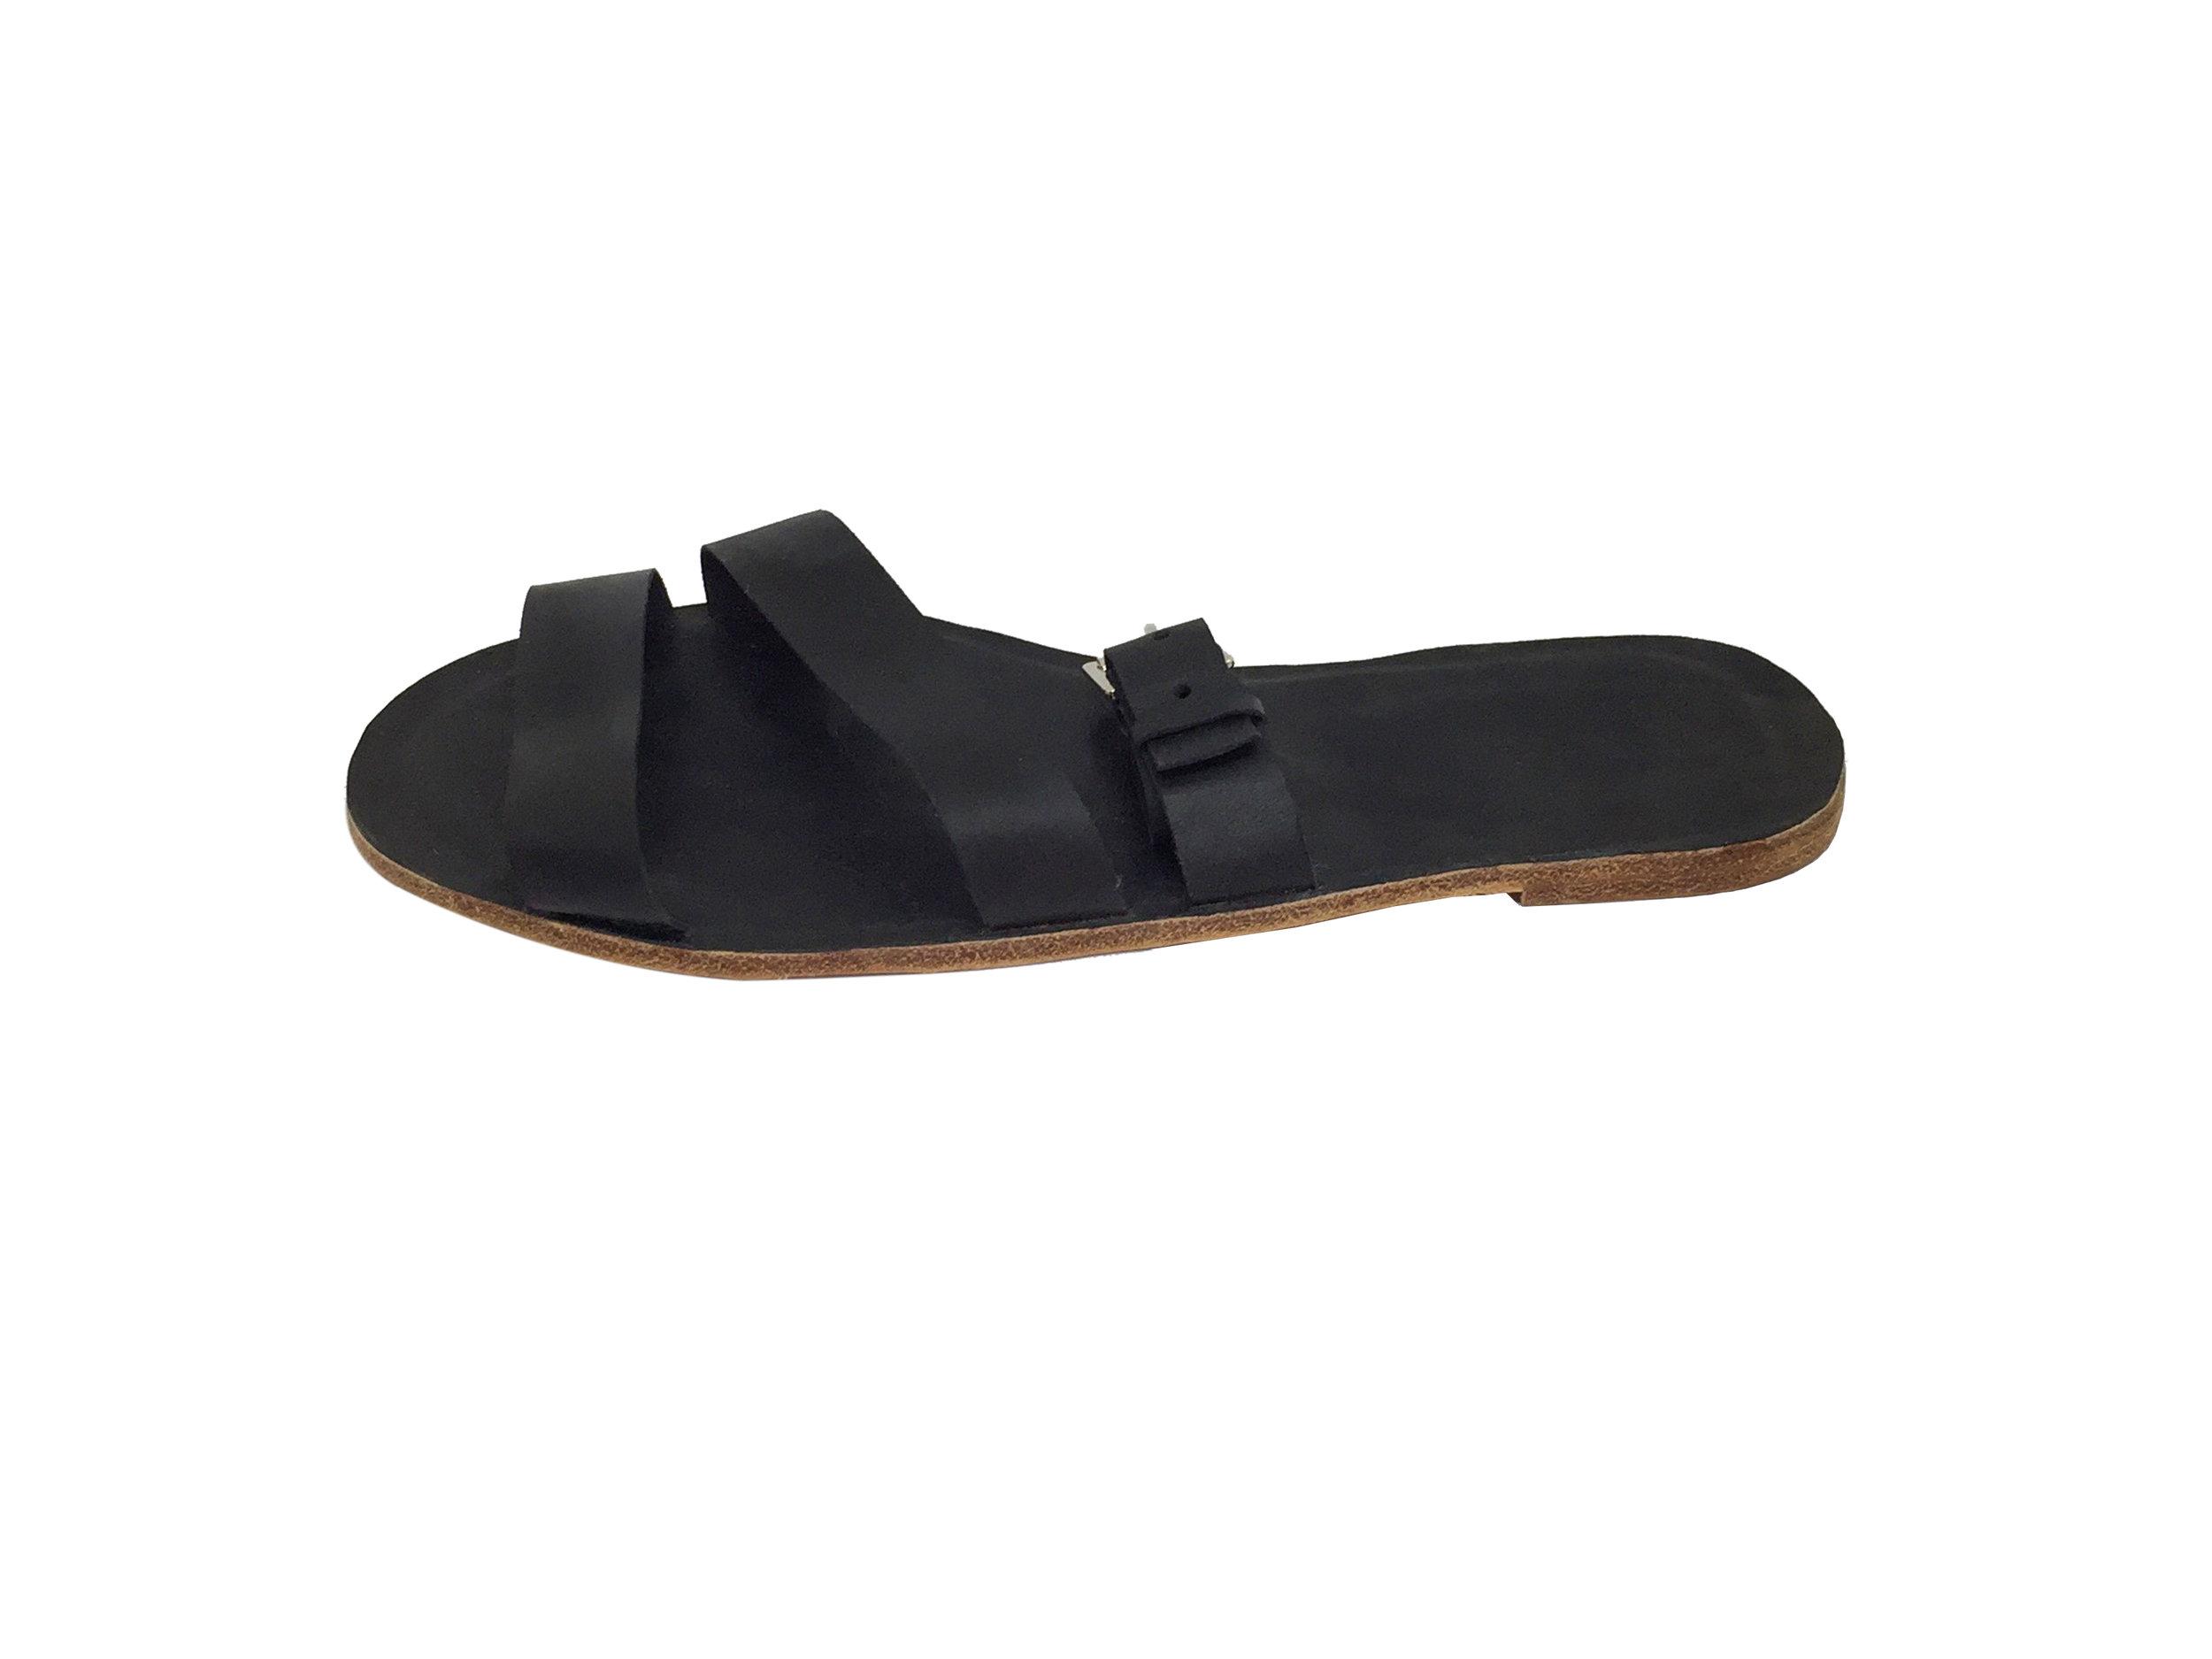 47134e35117 Men s McGill Buckled Leather Slides — D Arçé Sandals